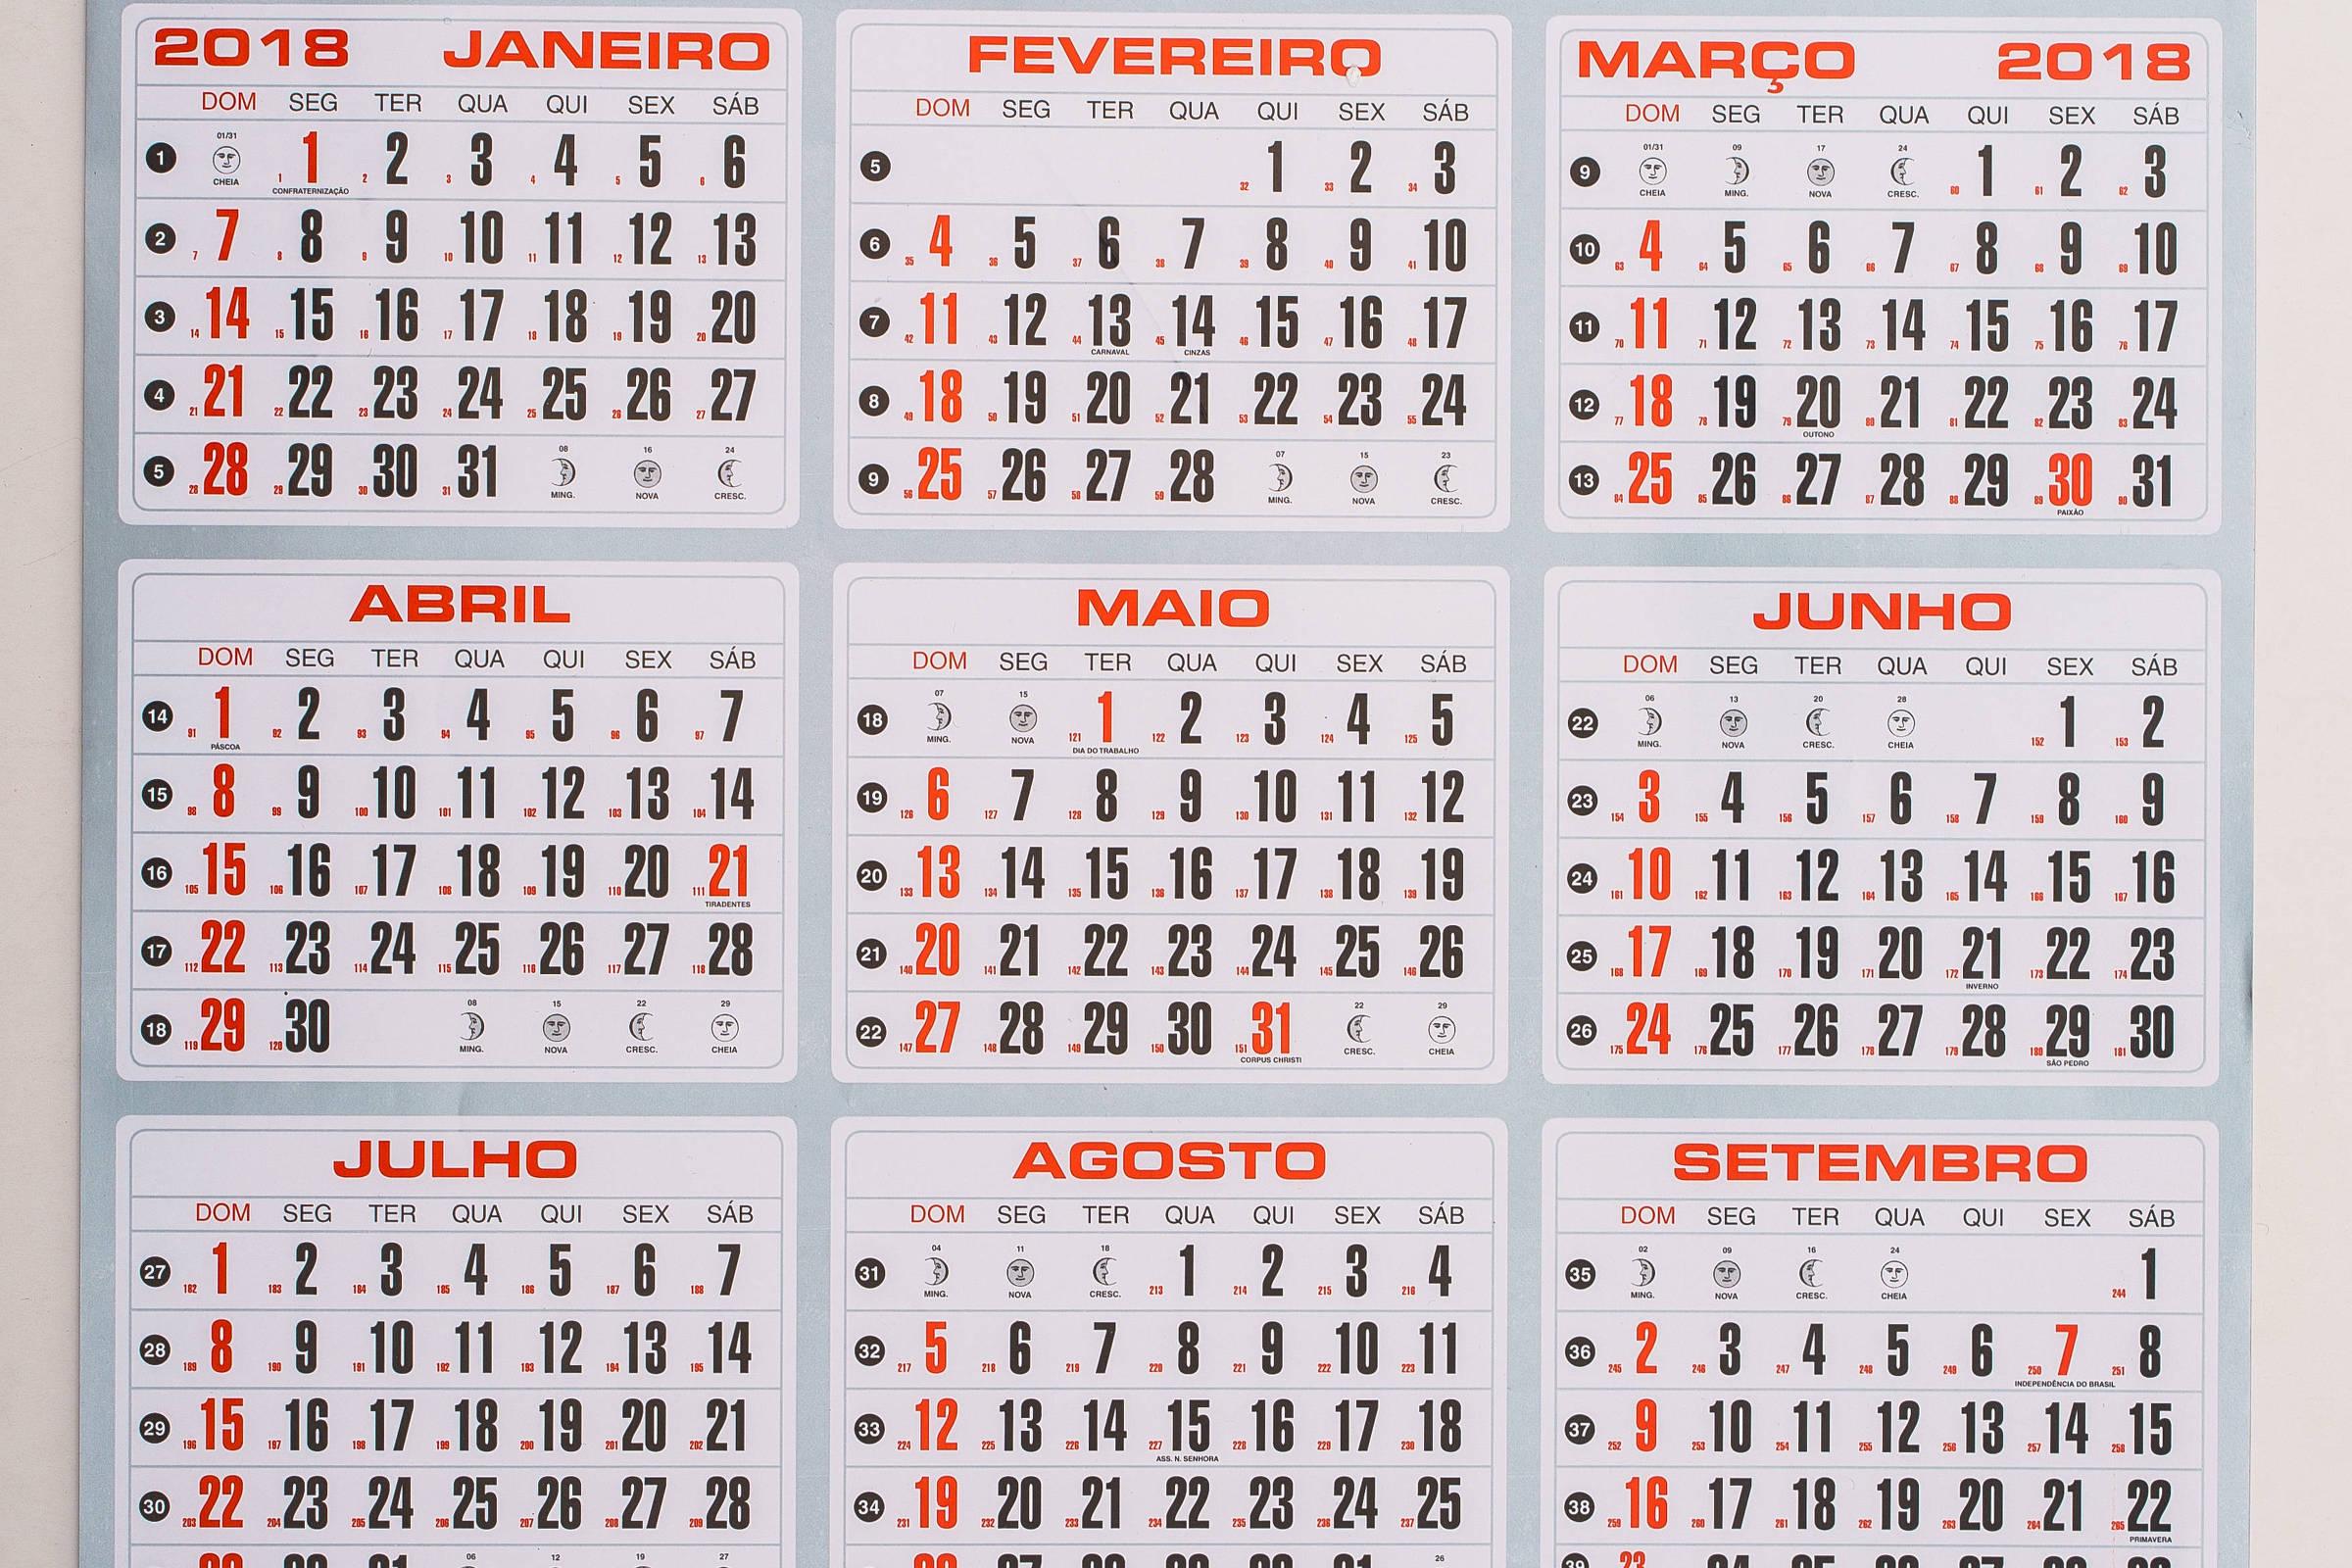 Calendario Gregoriano.Calendarios Regulam A Vida Da Humanidade Ha Milenios 02 01